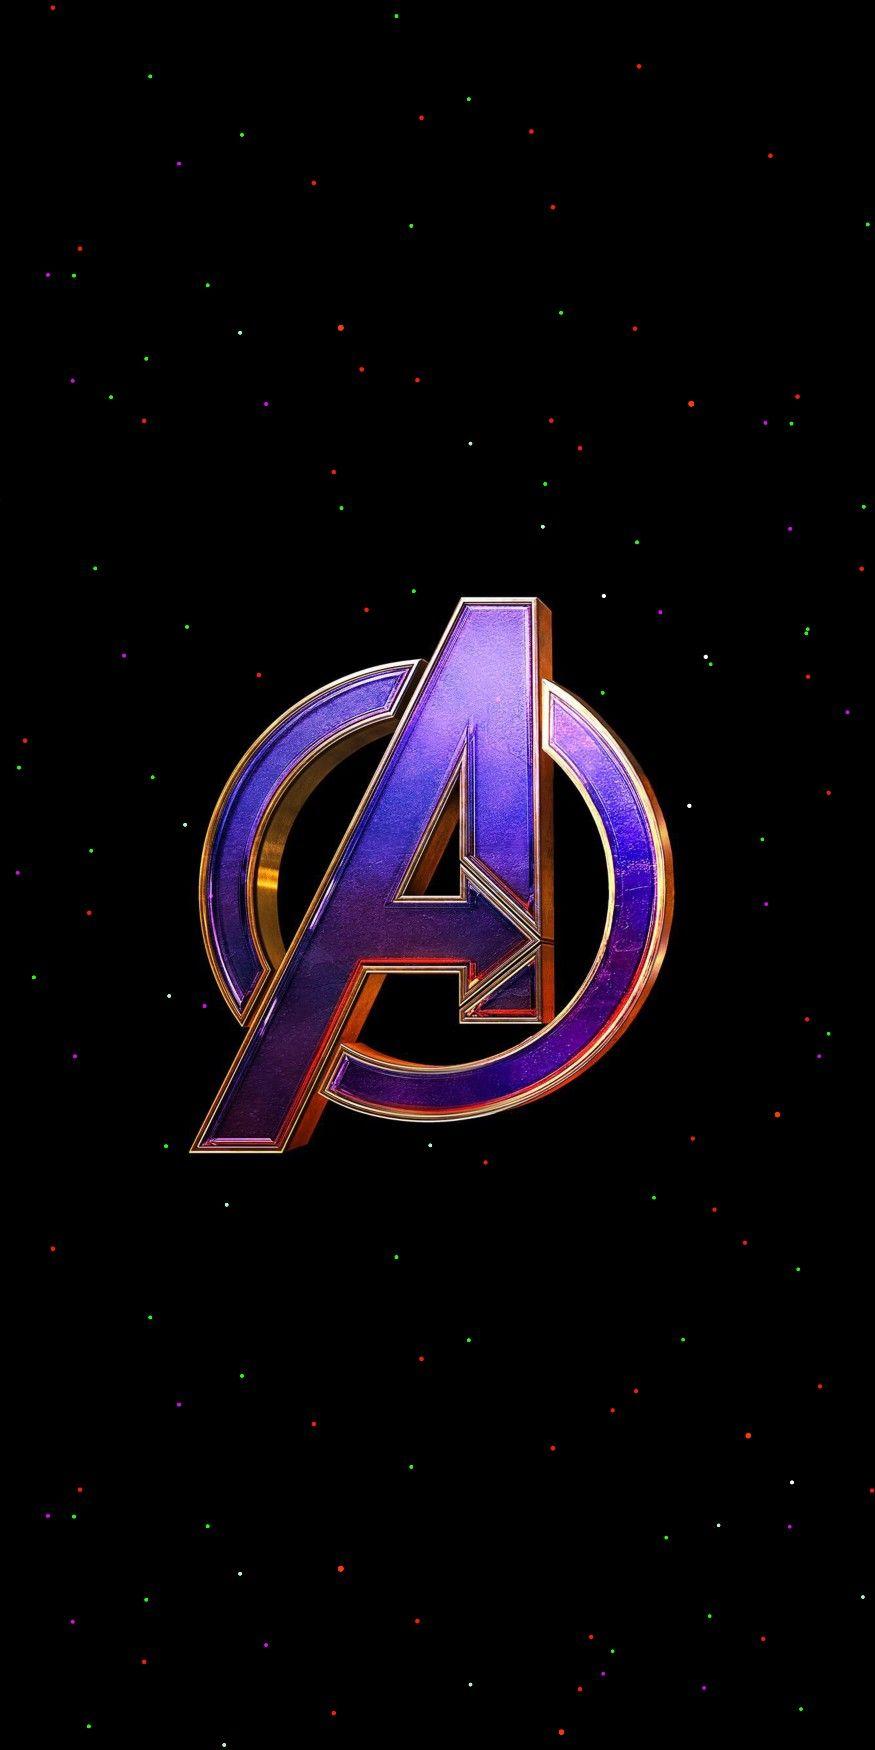 Marvel Avengers Wallpaper : Avenger Endgame Wallpaper iPhone 7c3887398ce49791f9298e8020b030d5